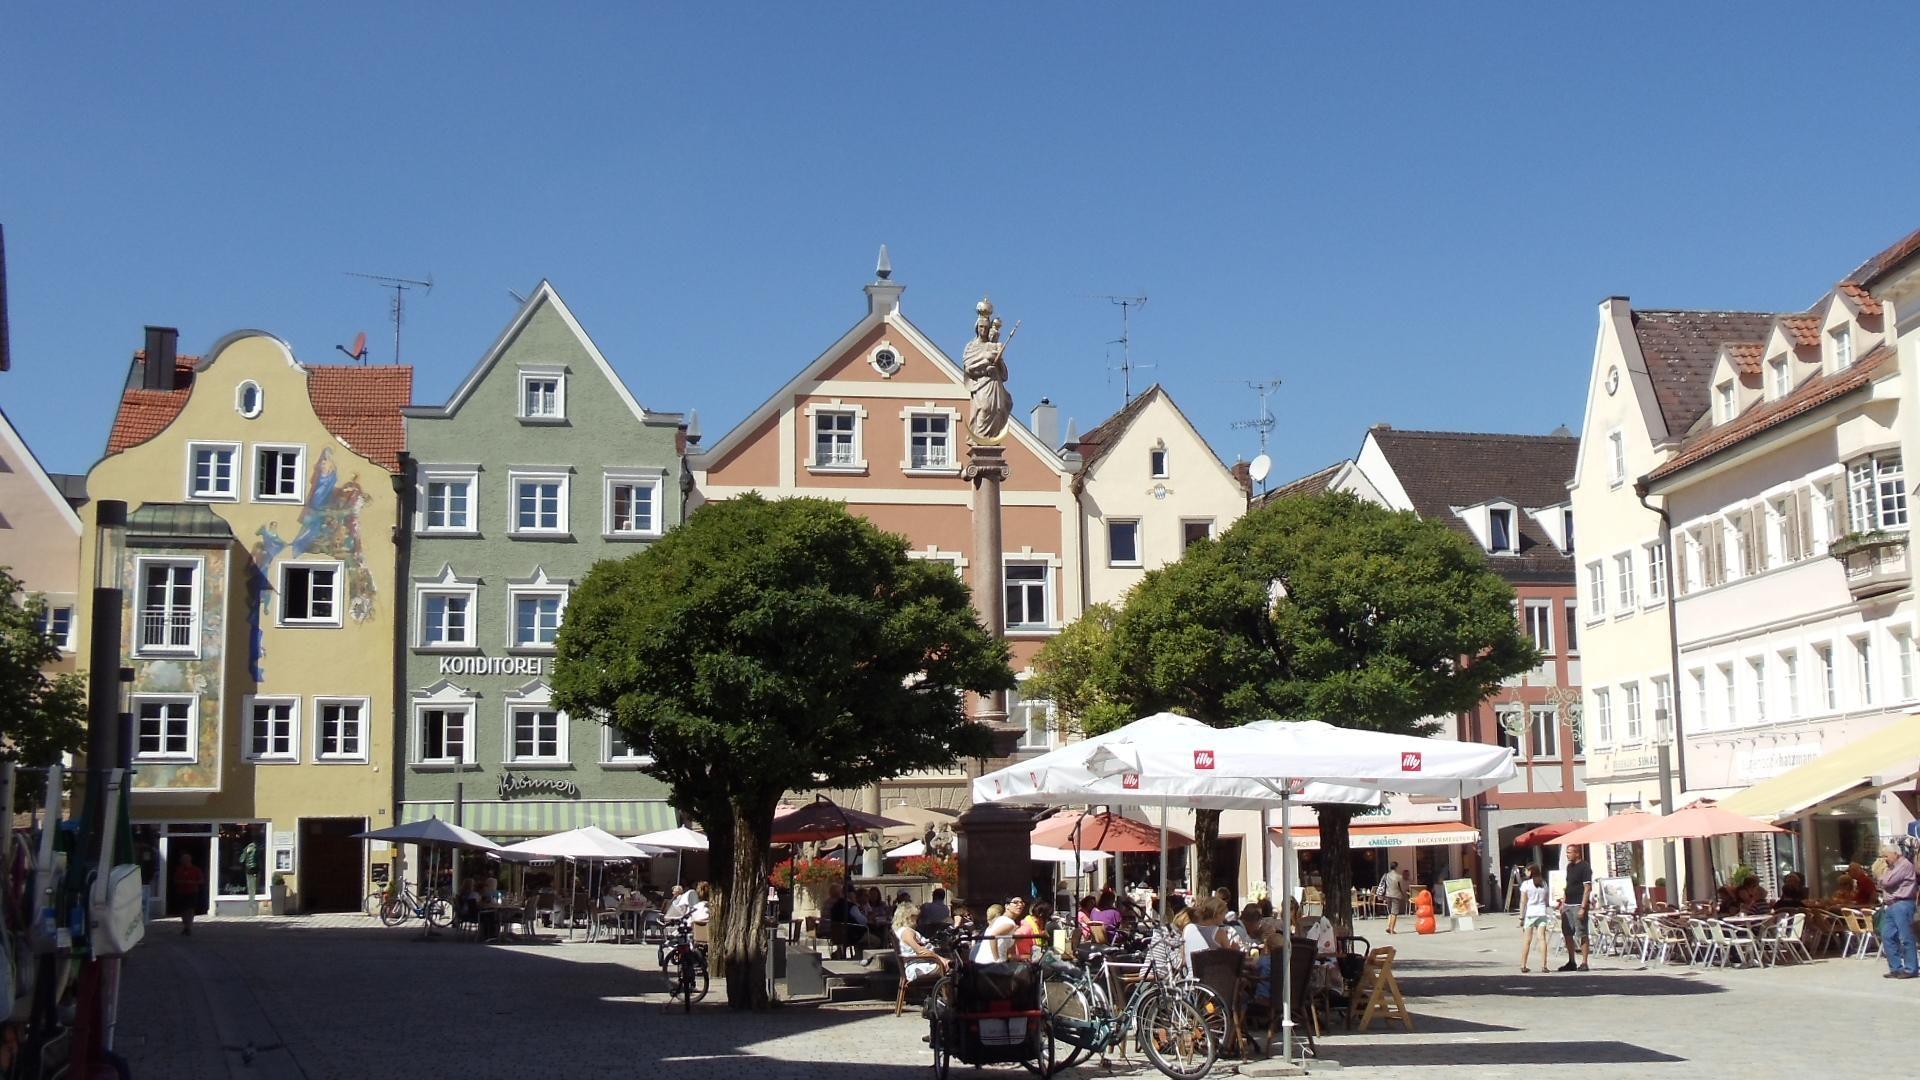 8-daagse wandelvakantie Jakobsweg